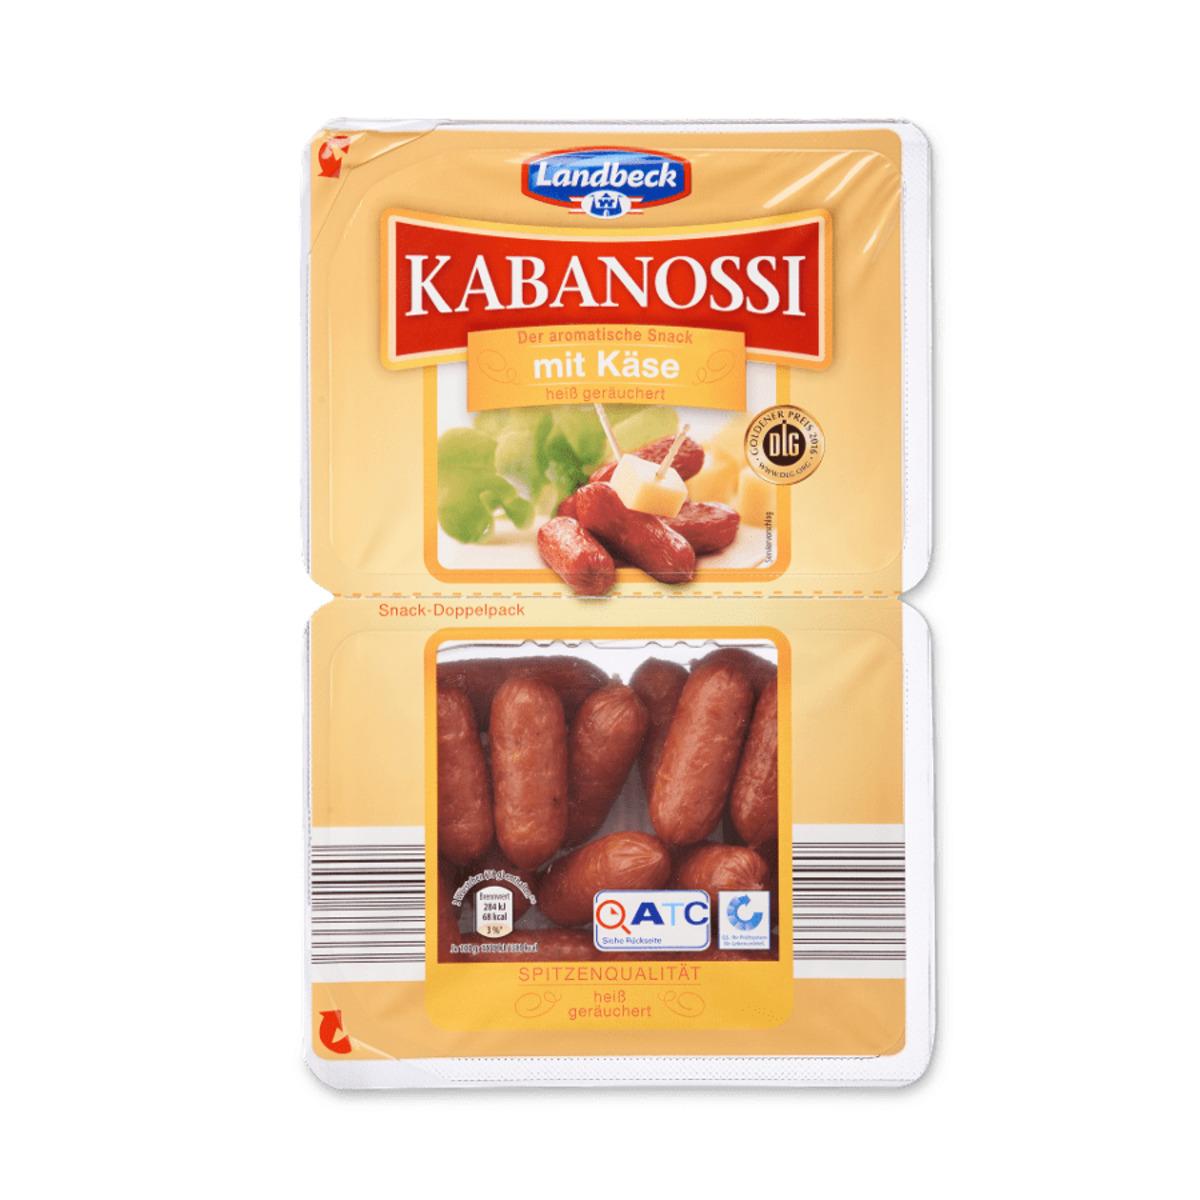 Bild 3 von LANDBECK     Kabanossi